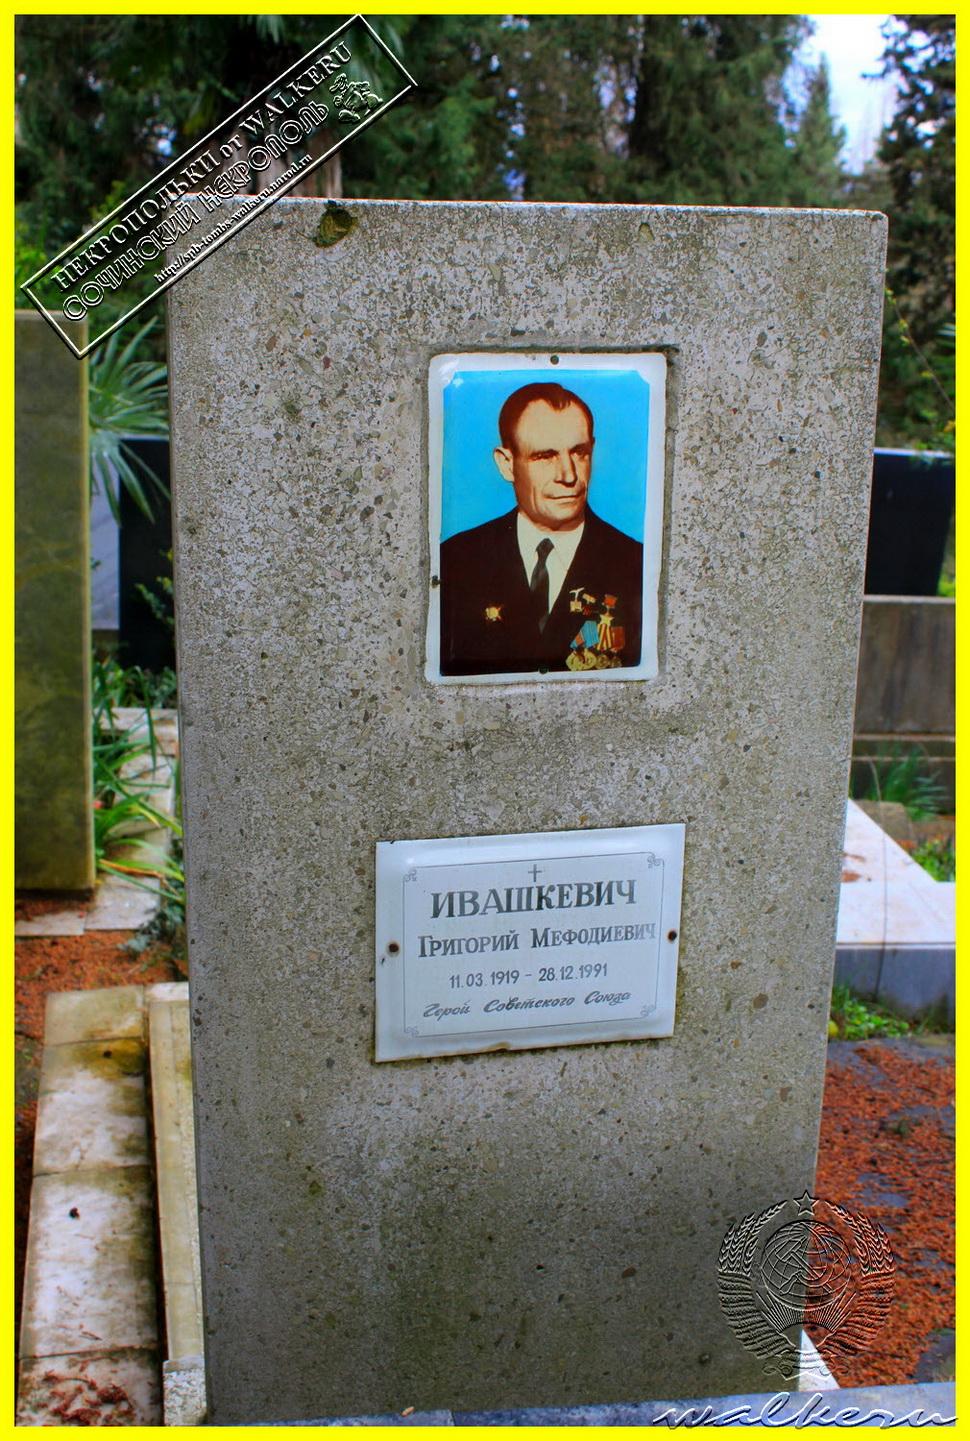 Ивашкевич Г.М.